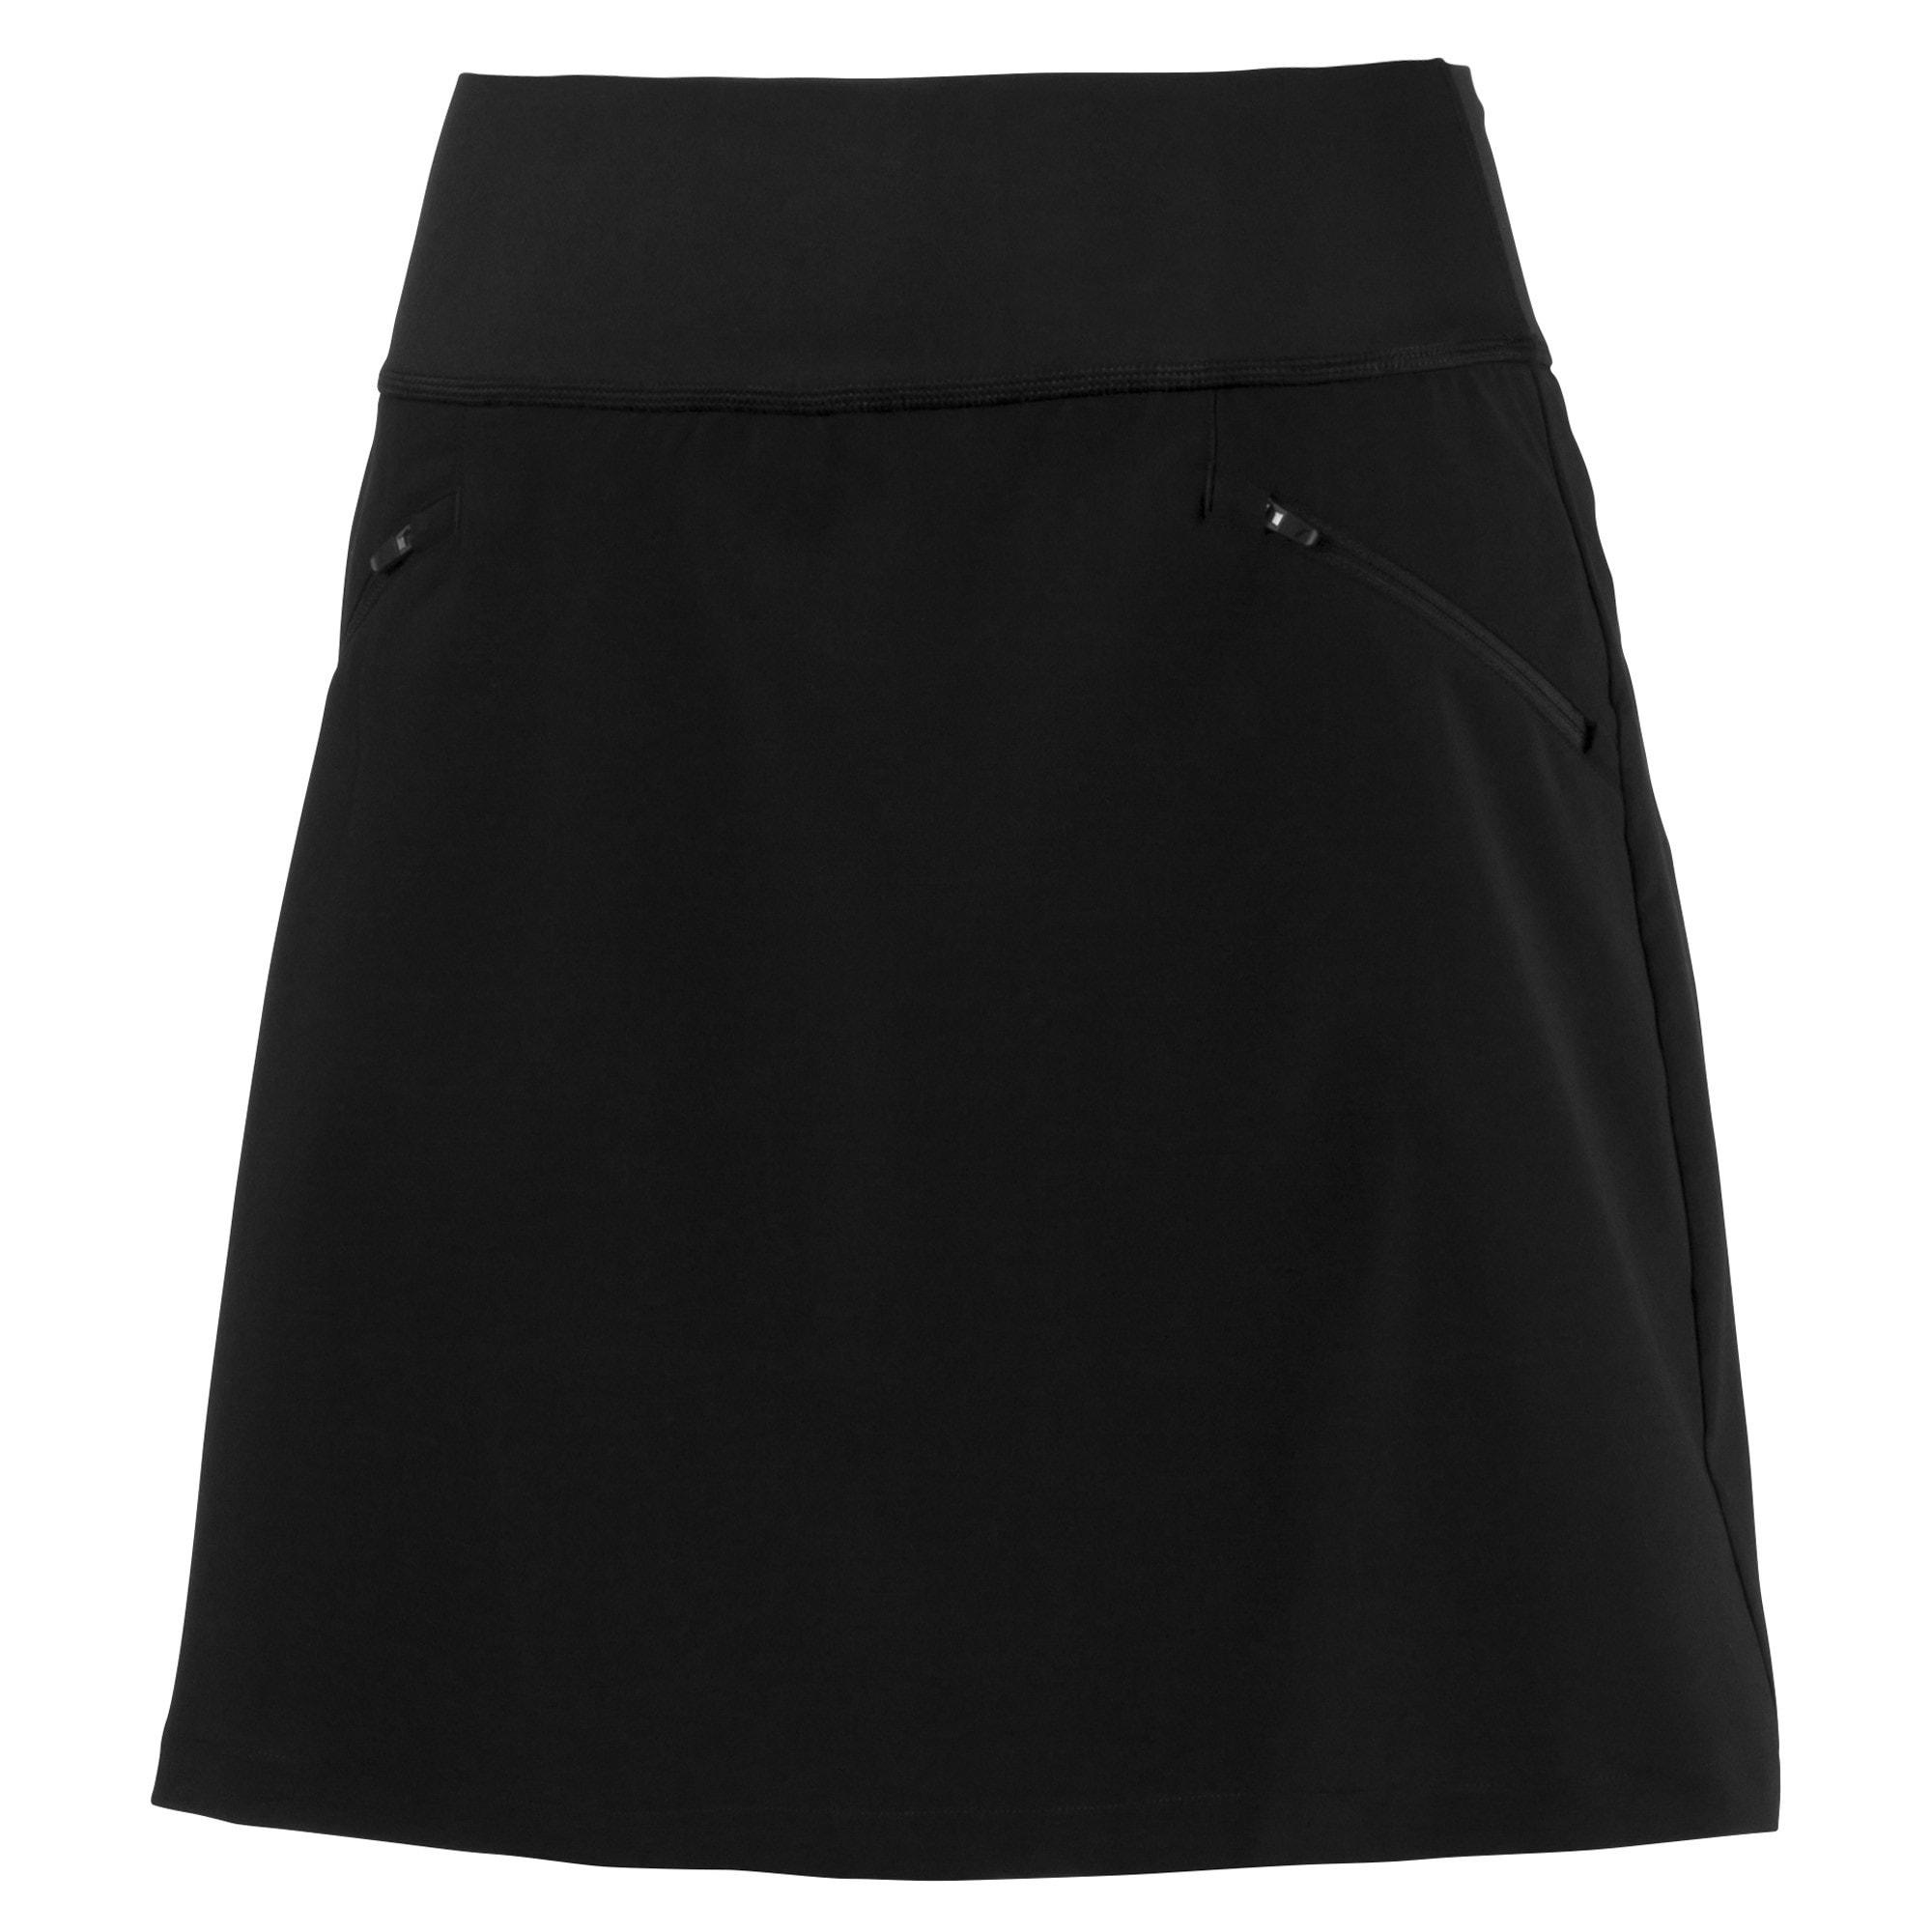 PWRSHAPE 18 inch golfrokje voor Dames, Zwart, Maat XL | PUMA